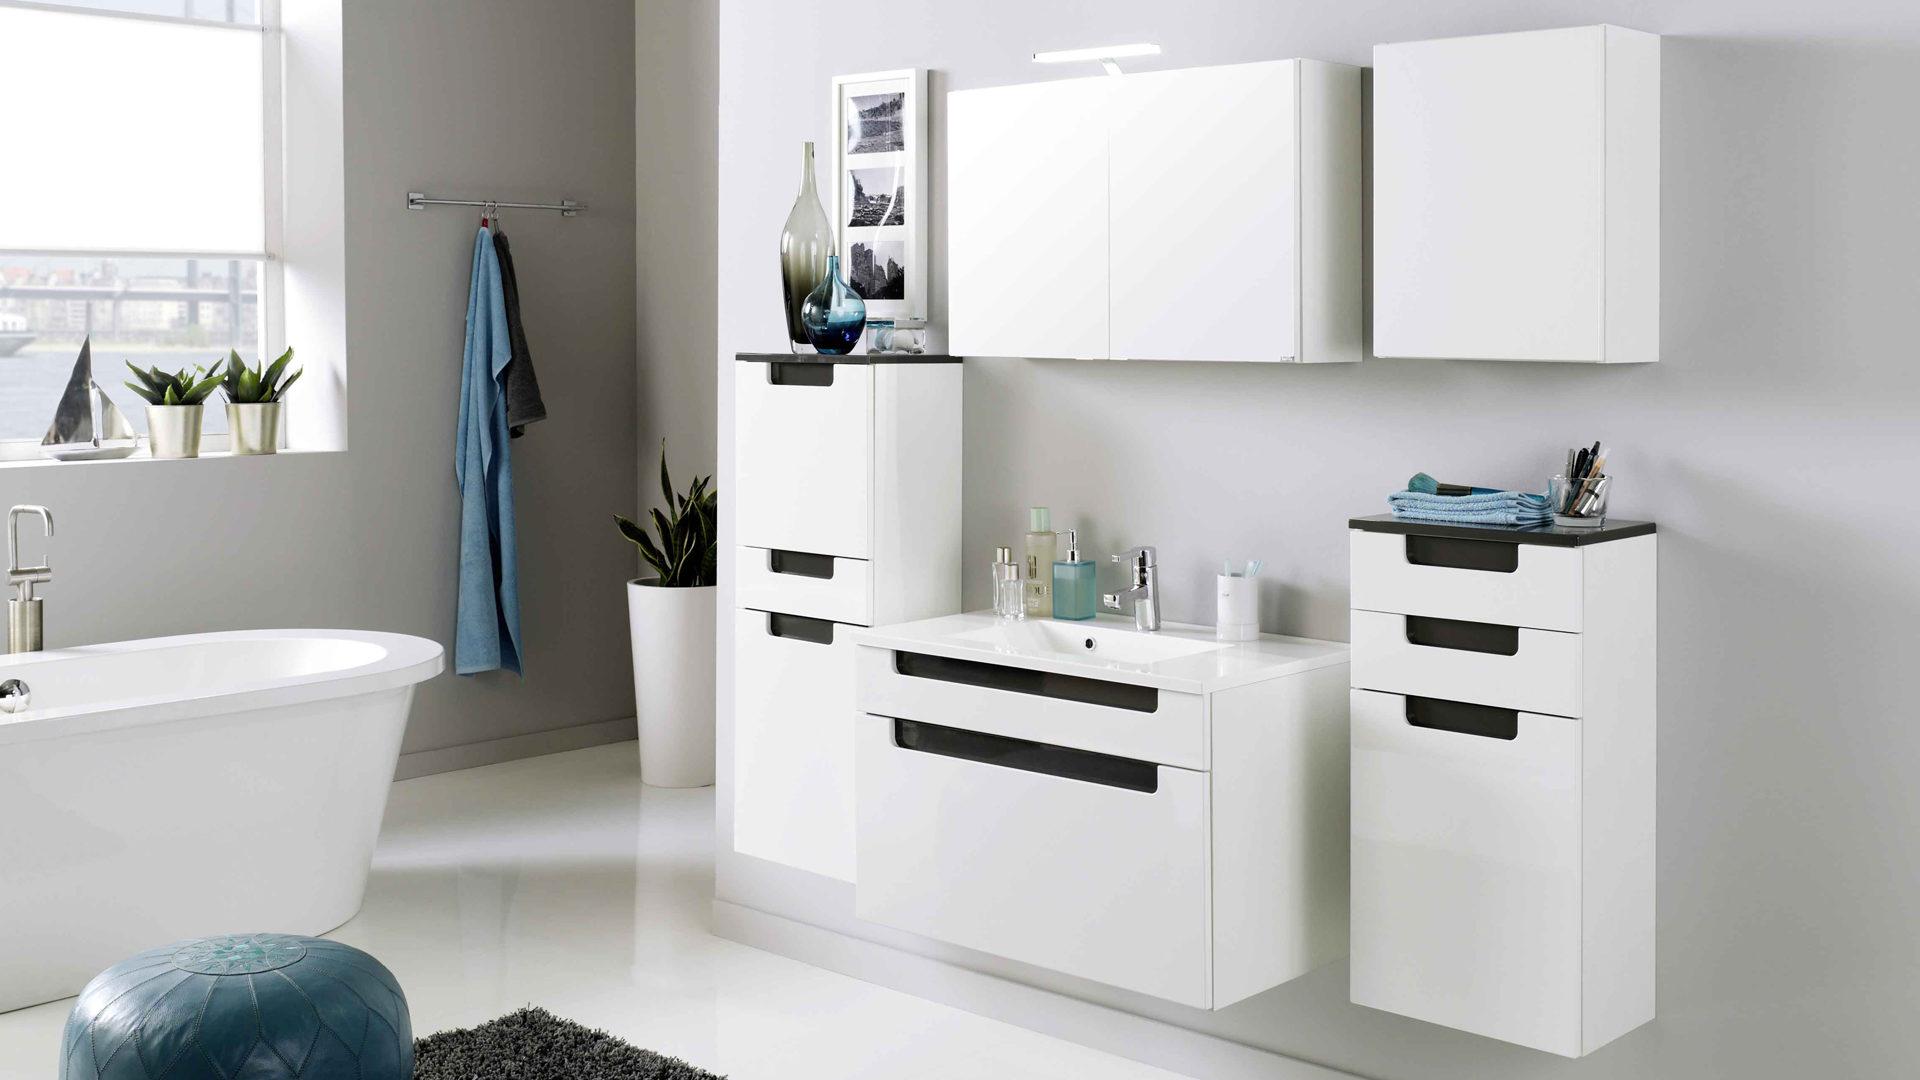 Waschtisch-Set Siena als praktisches Badmöbel , weiße & graue ...